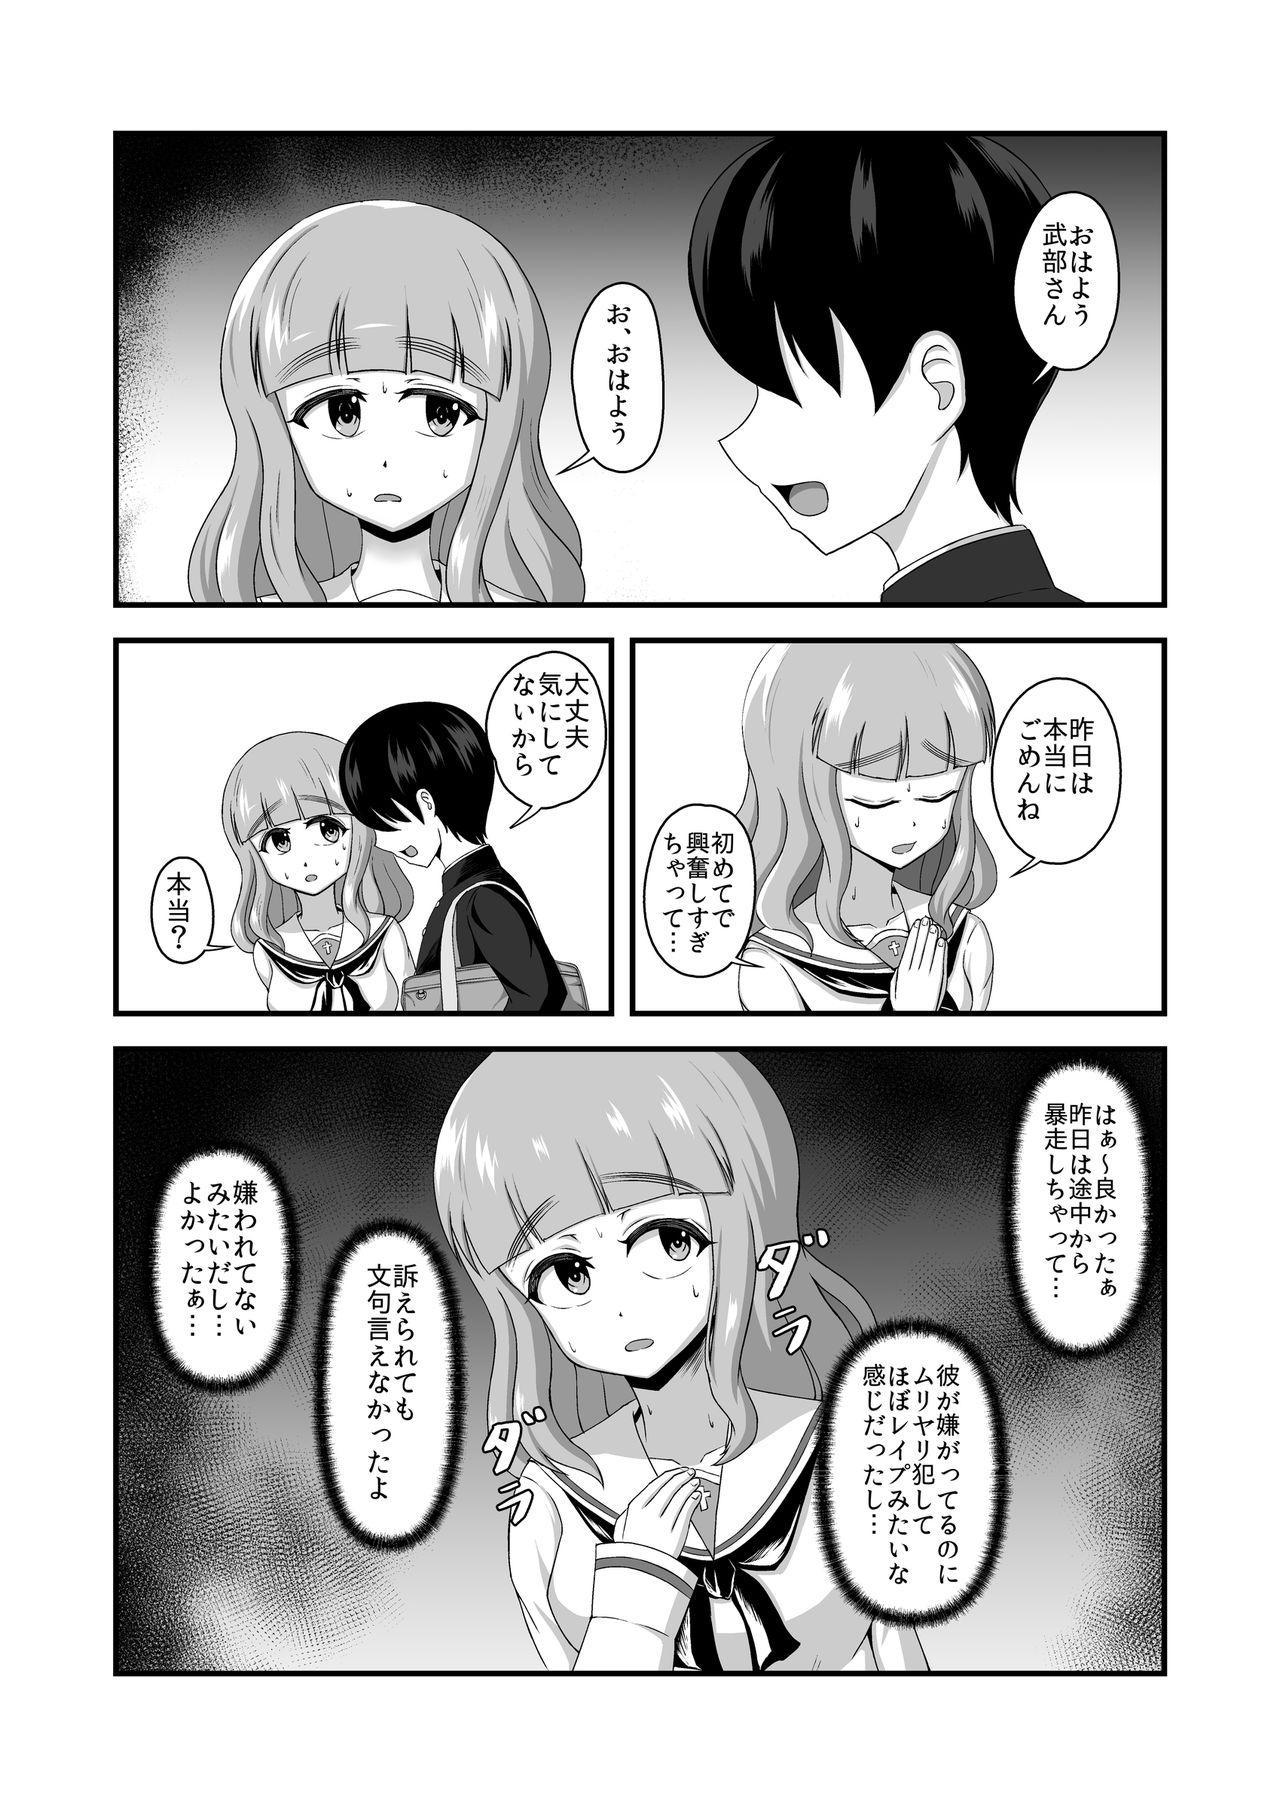 Teisou Gyakuten Abekobe Banashi 2 3